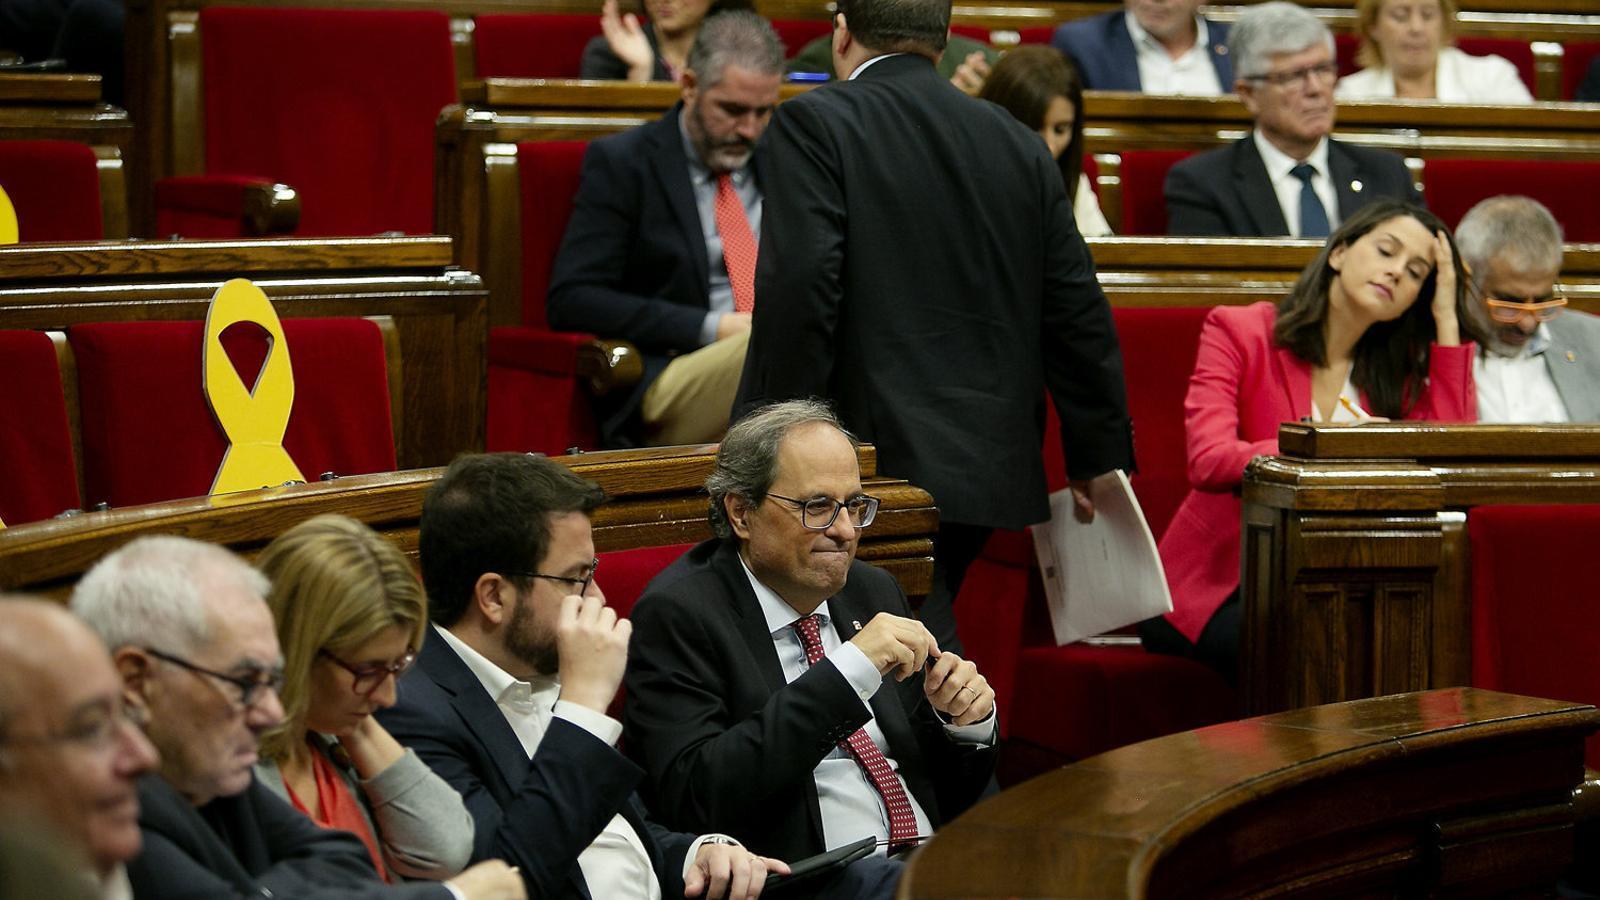 Miquel Iceta deixant enrere Quim Torra i Pere Aragonès mentre camina cap al seu escó, en una imatge d'arxiu a l'hemicicle del Parlament.